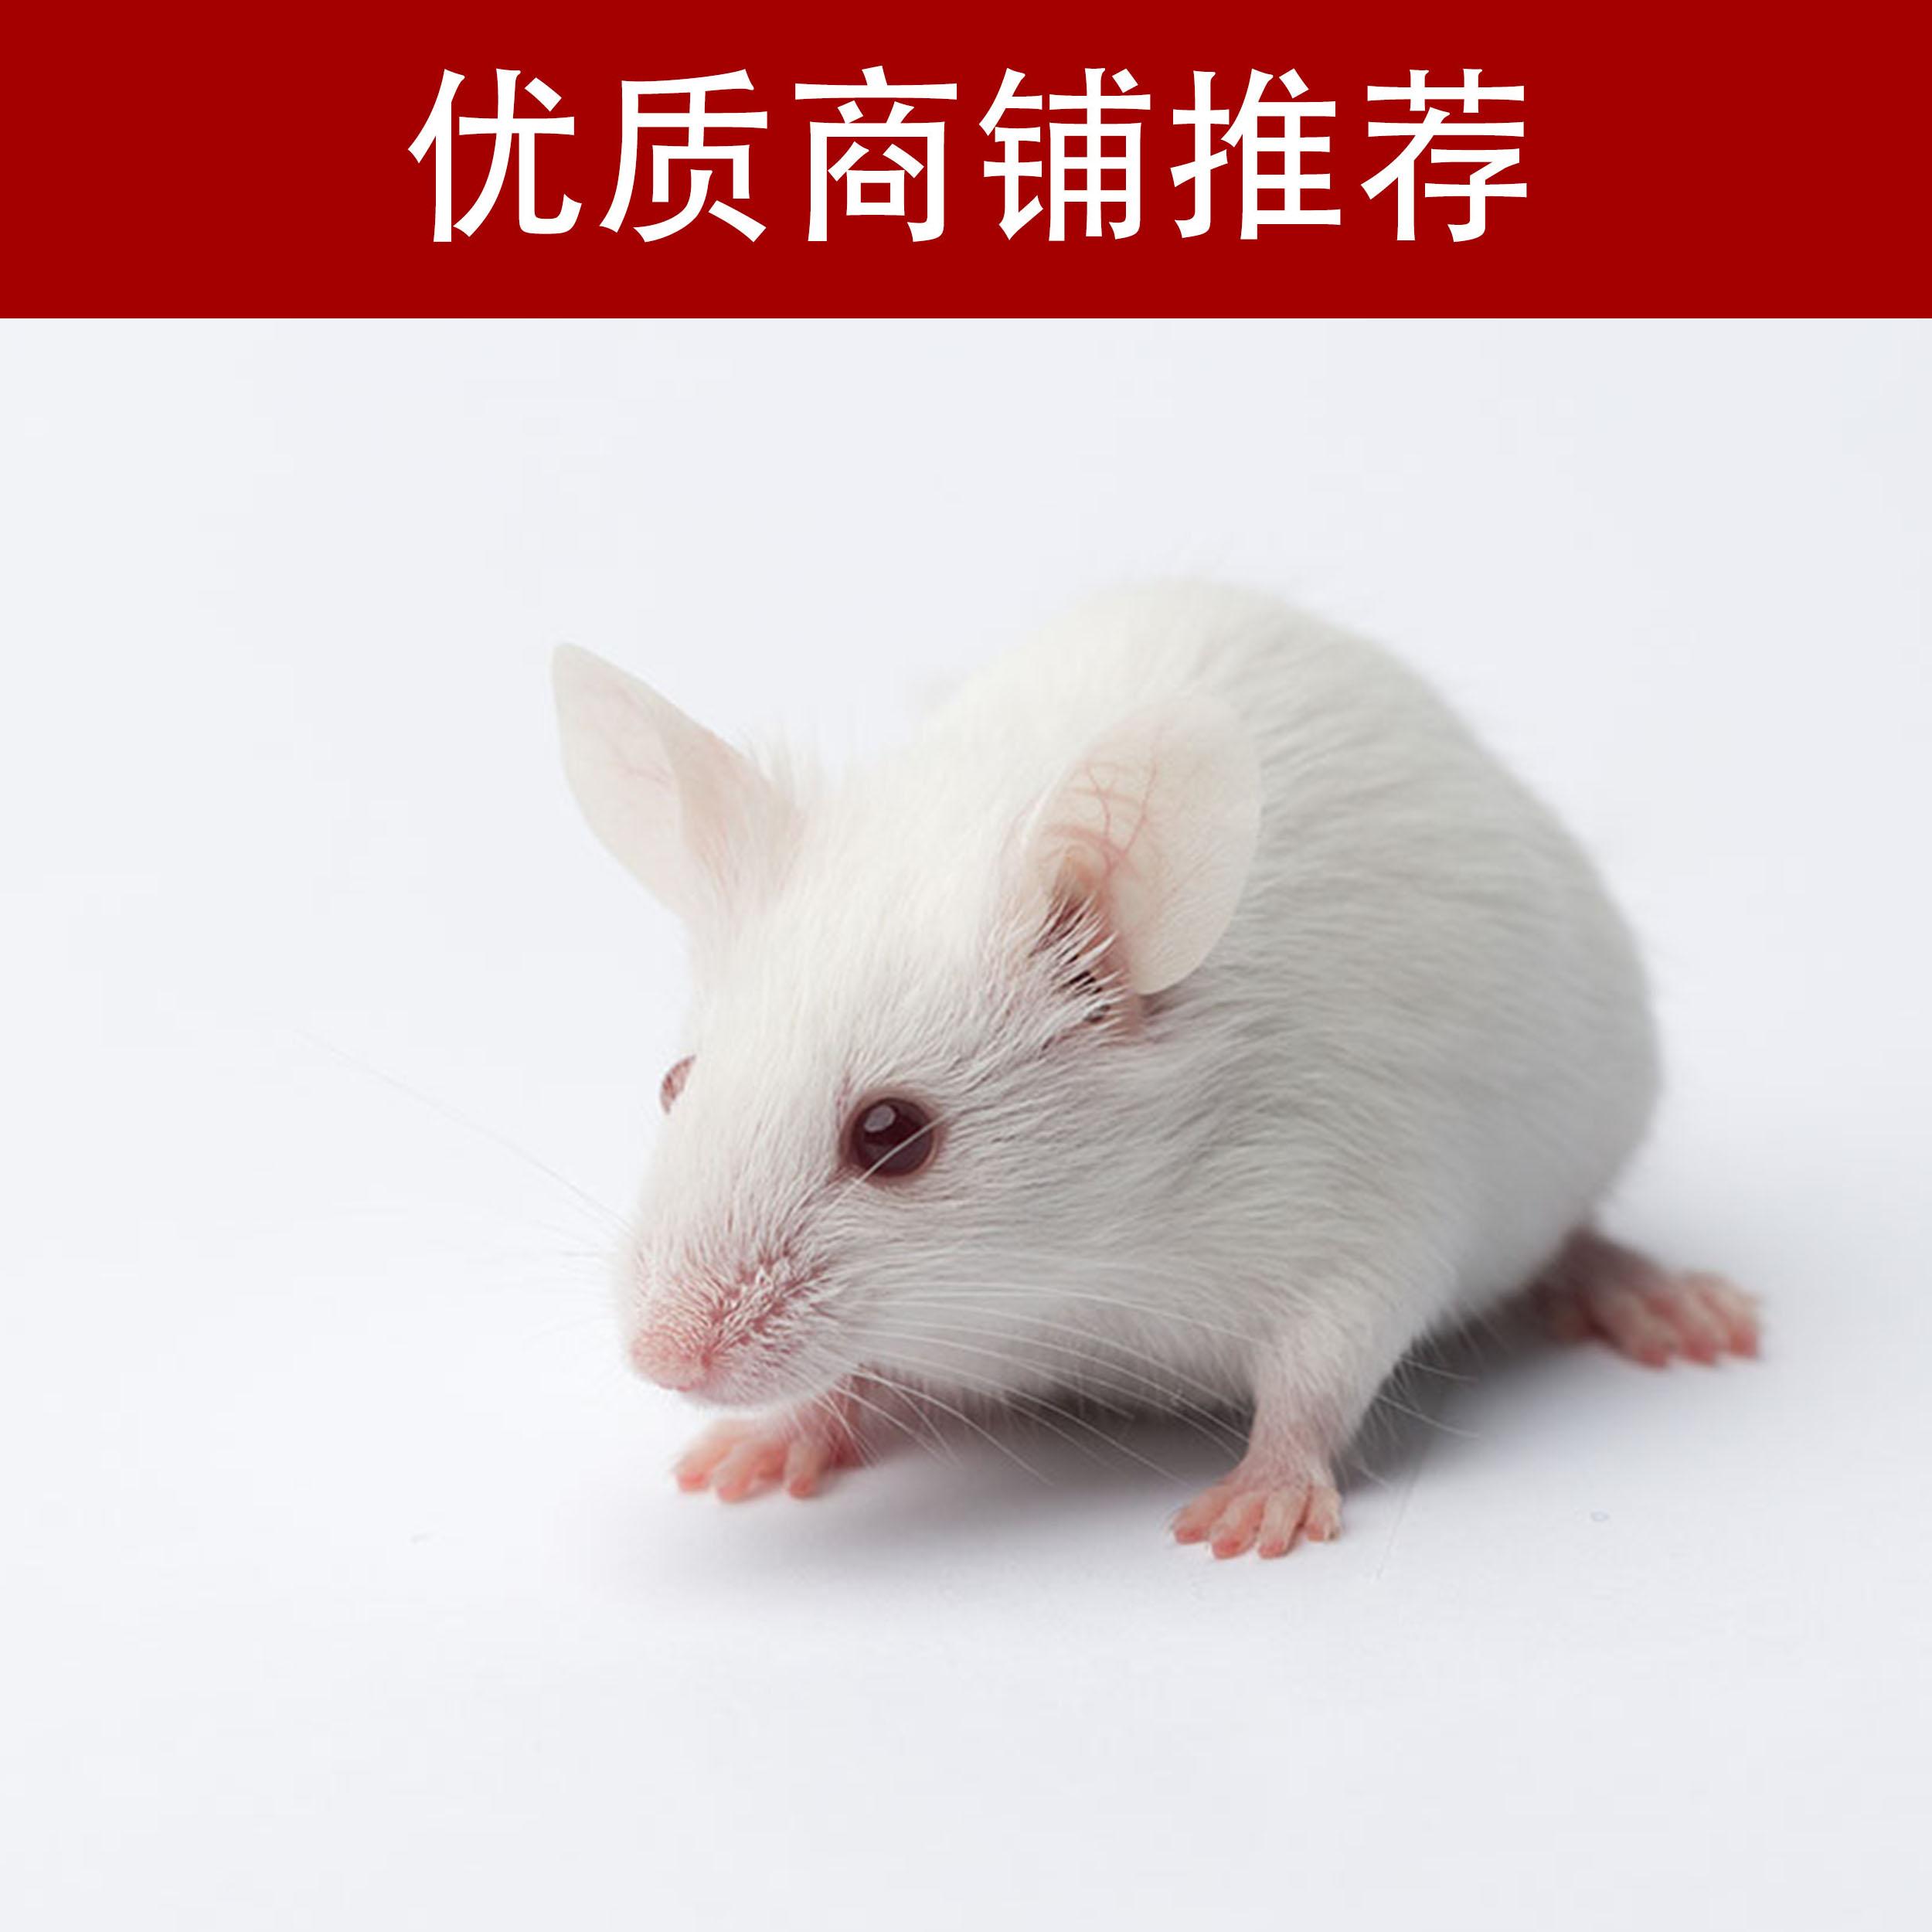 类风湿关节炎动物模型制备